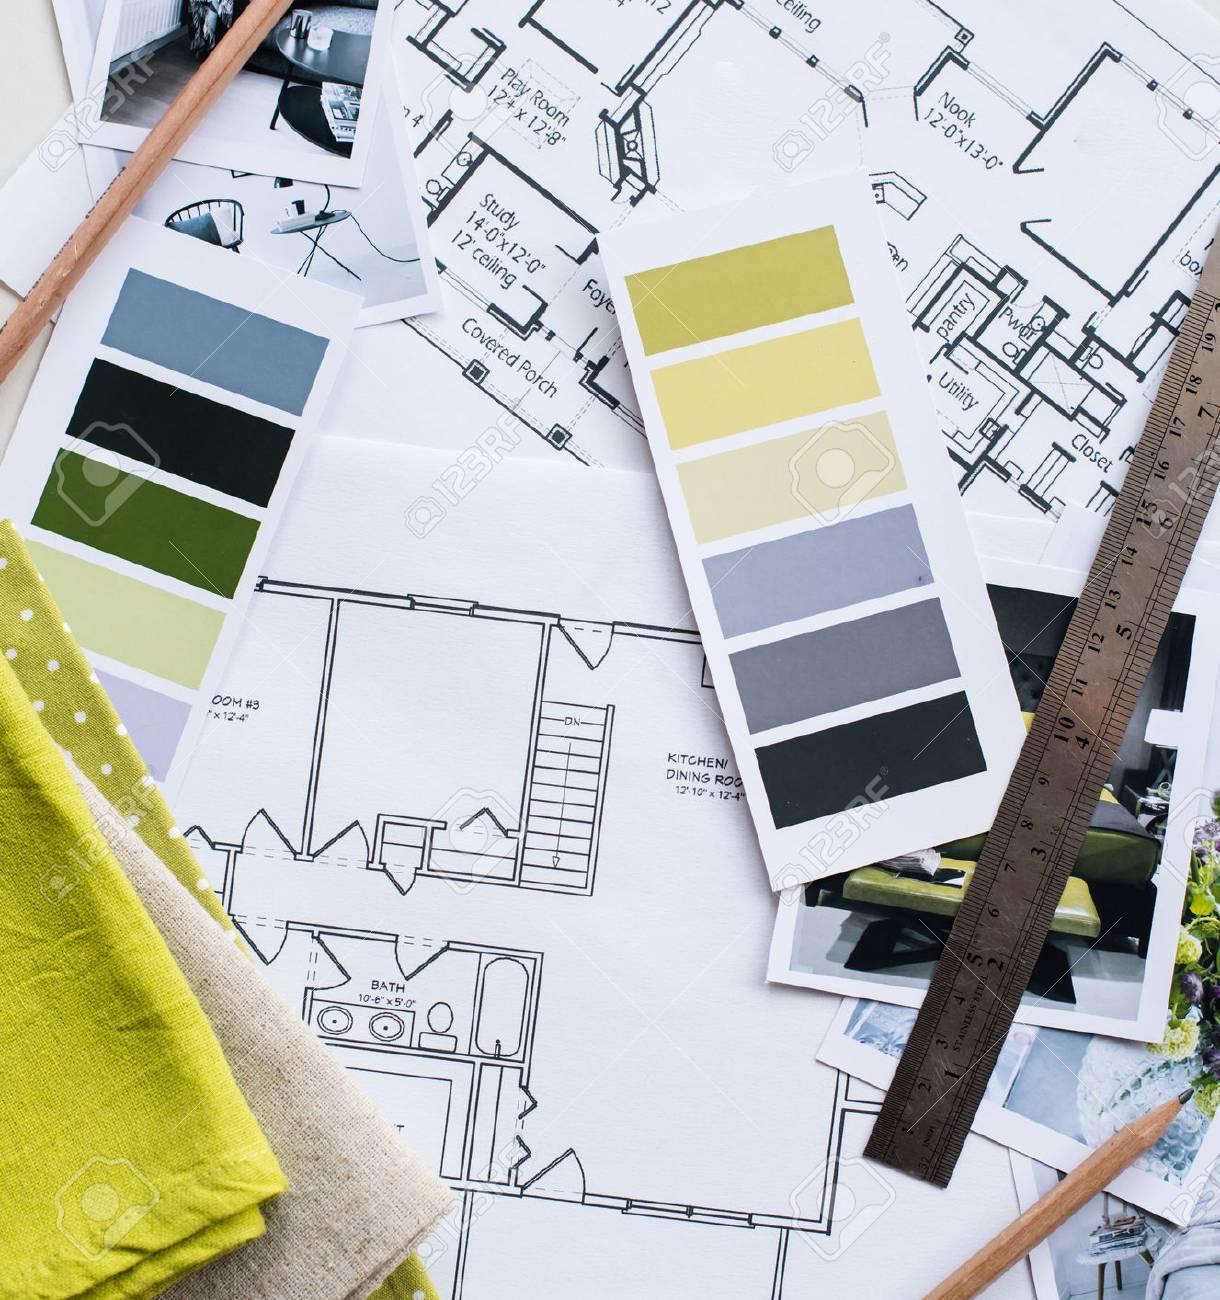 la table de designer dintrieur de travail un plan architectural de la maison une palette de couleurs du mobilier et des chantillons de tissu de